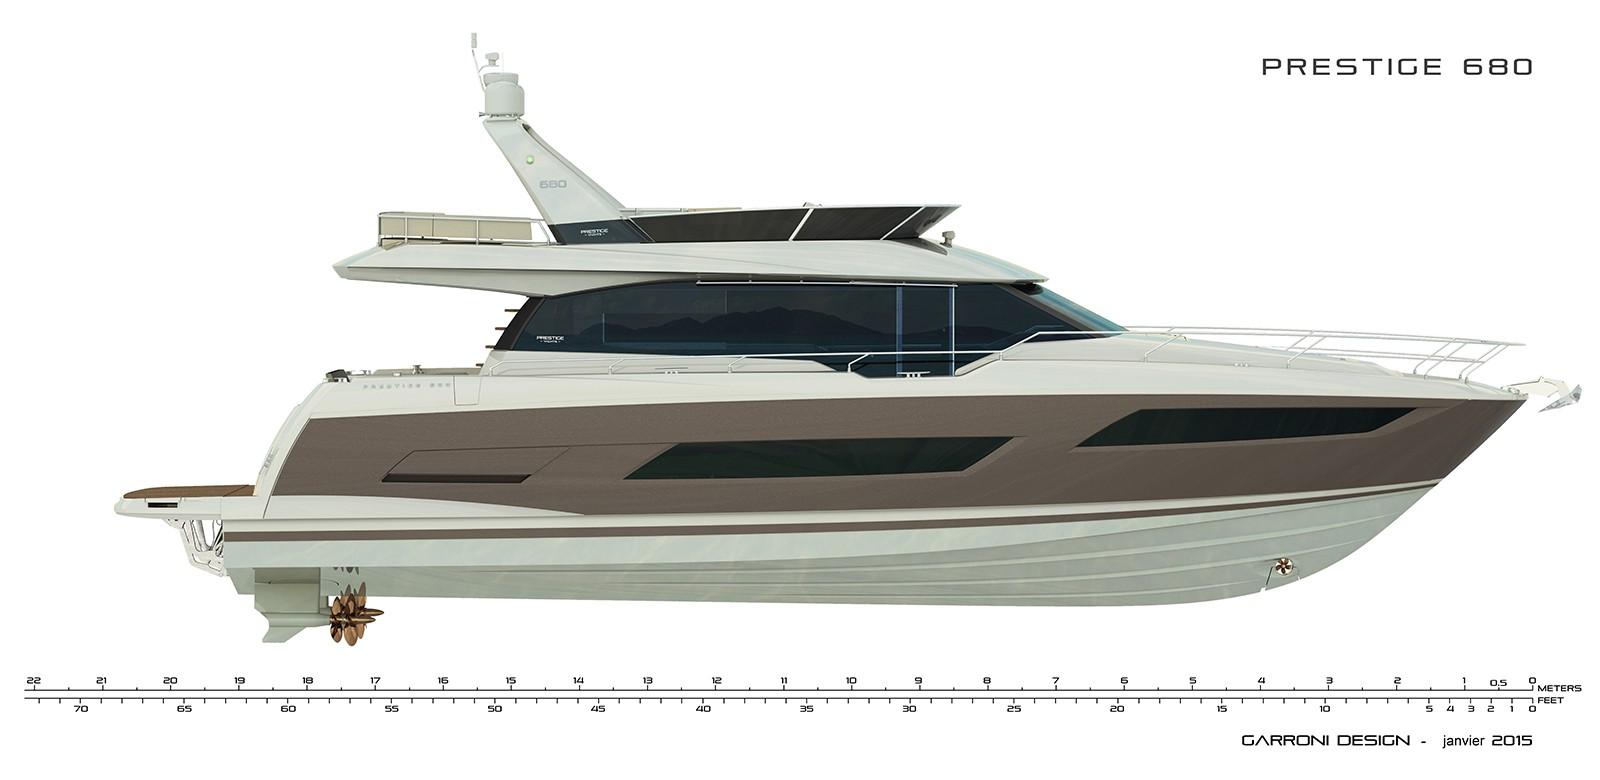 P680-W-Profil-1a25dpi300-